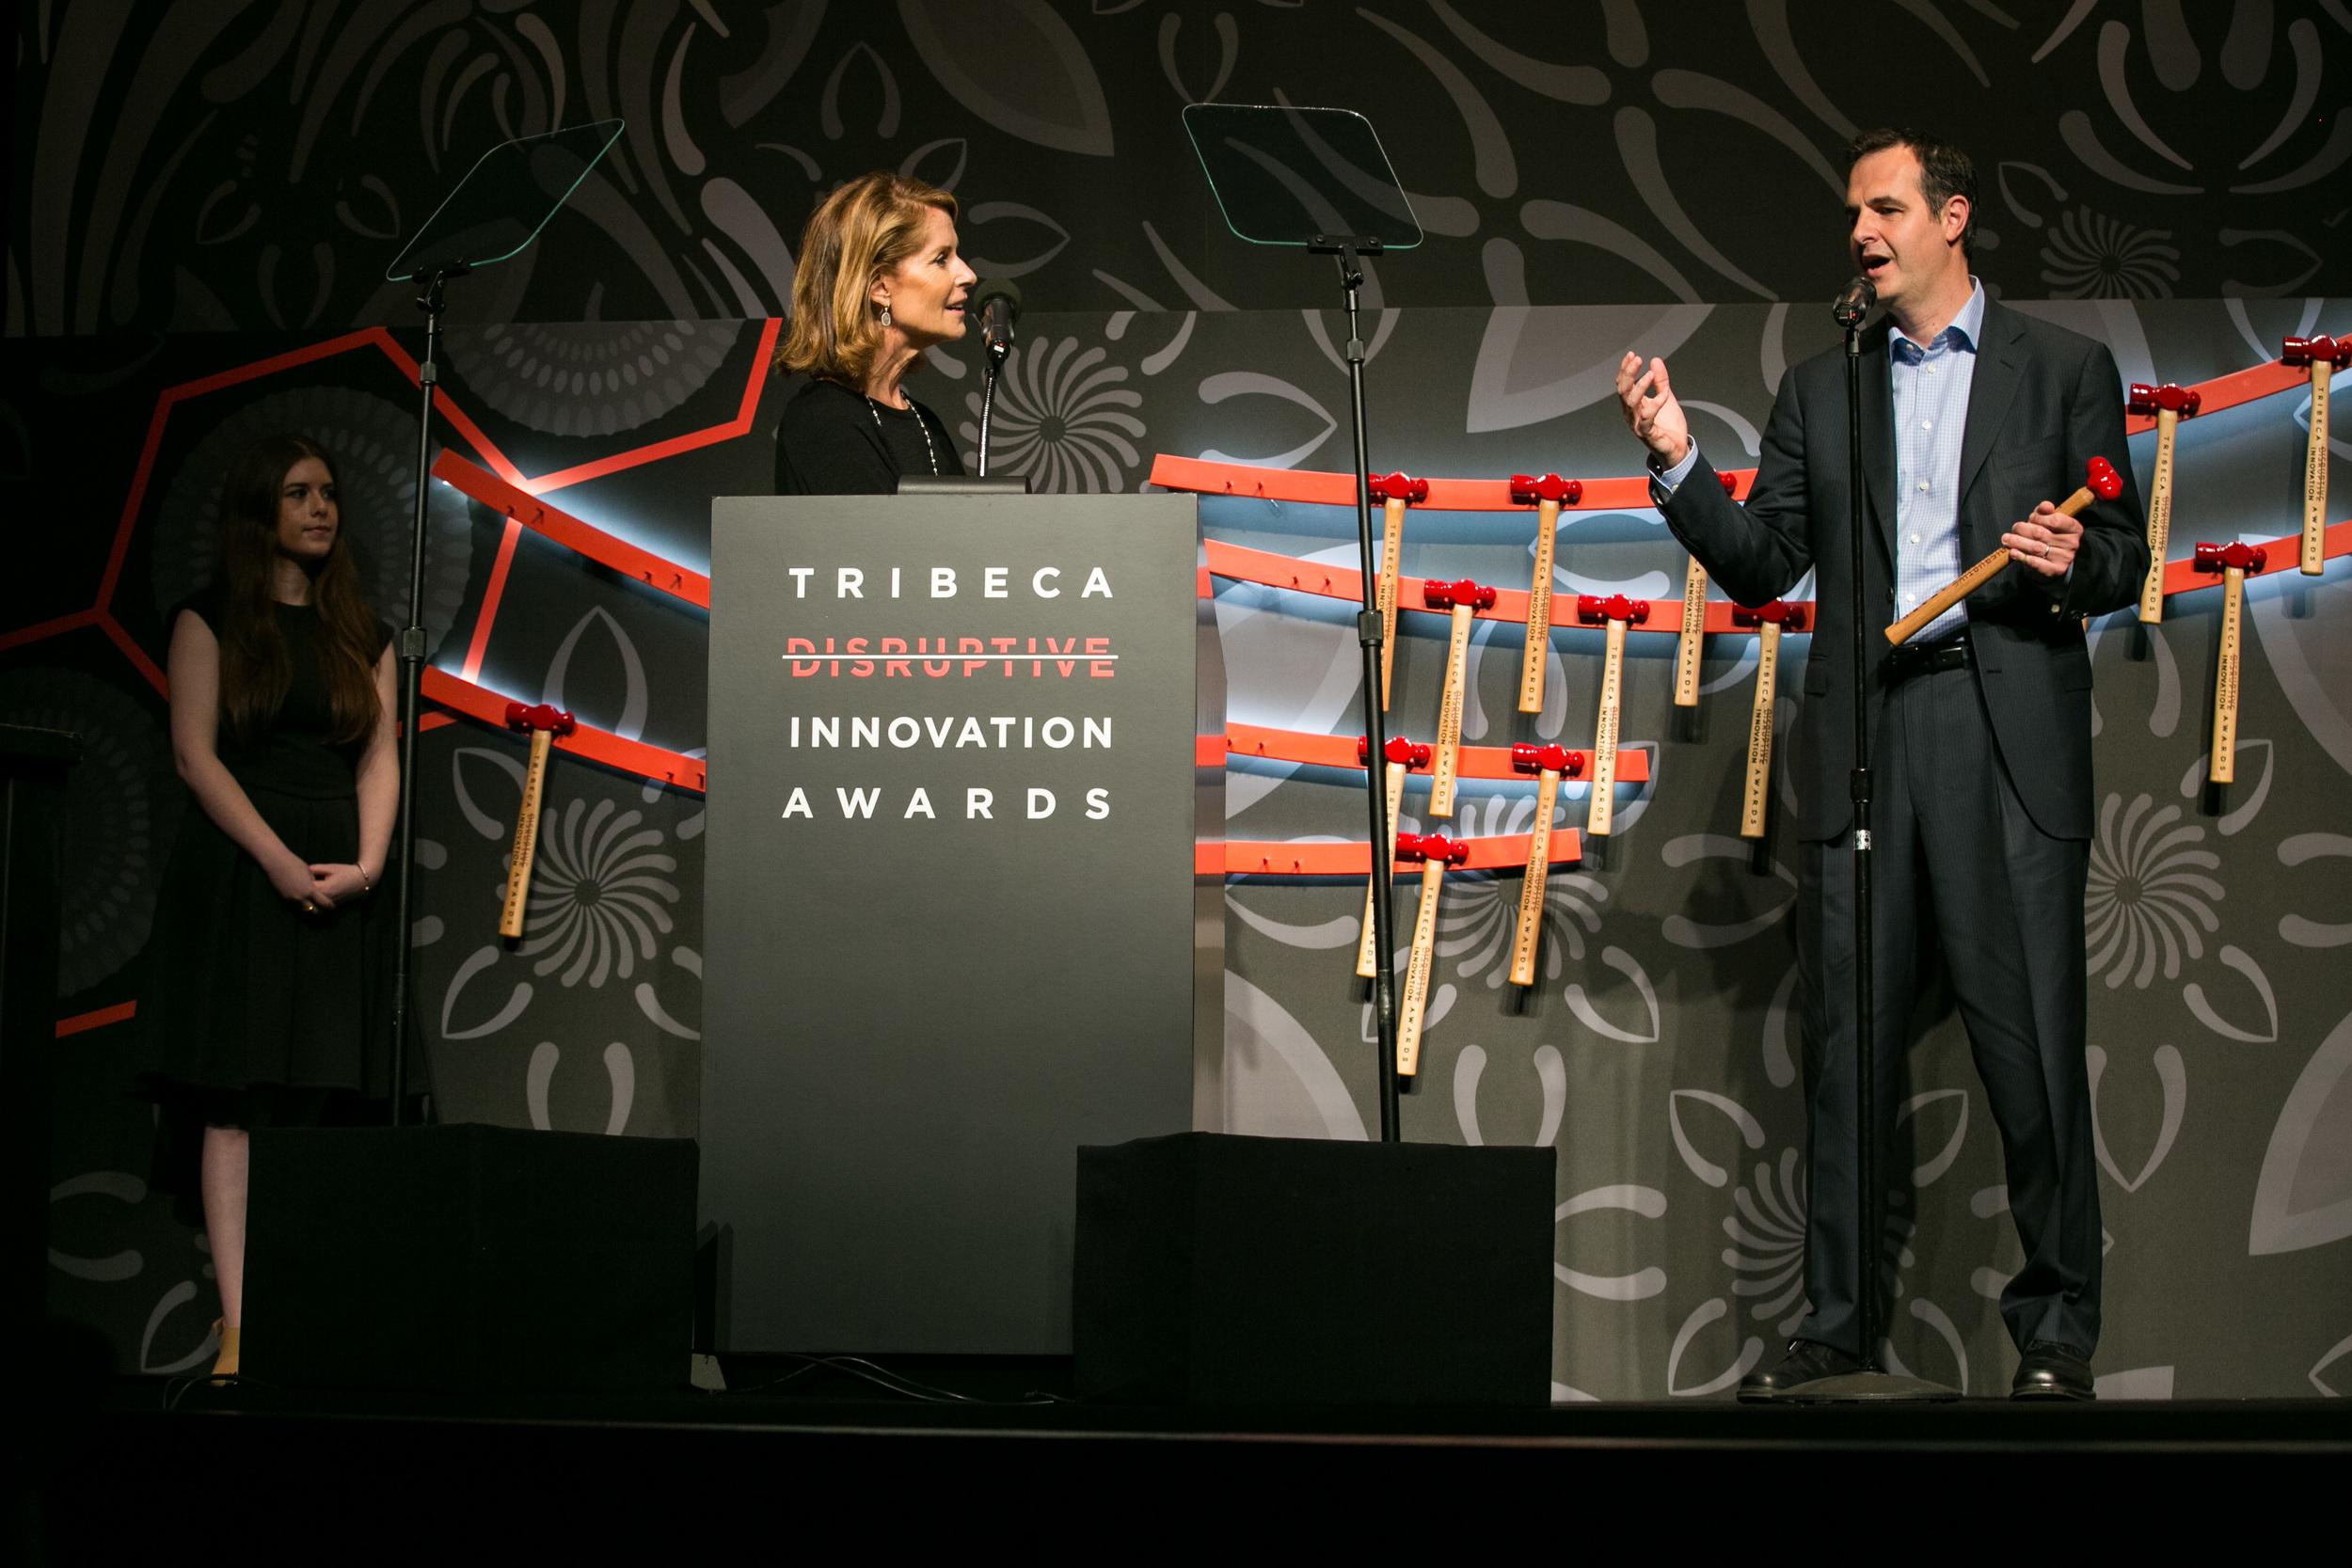 20160422-Tribeca Disruptive Innovation Awards-0637.jpg